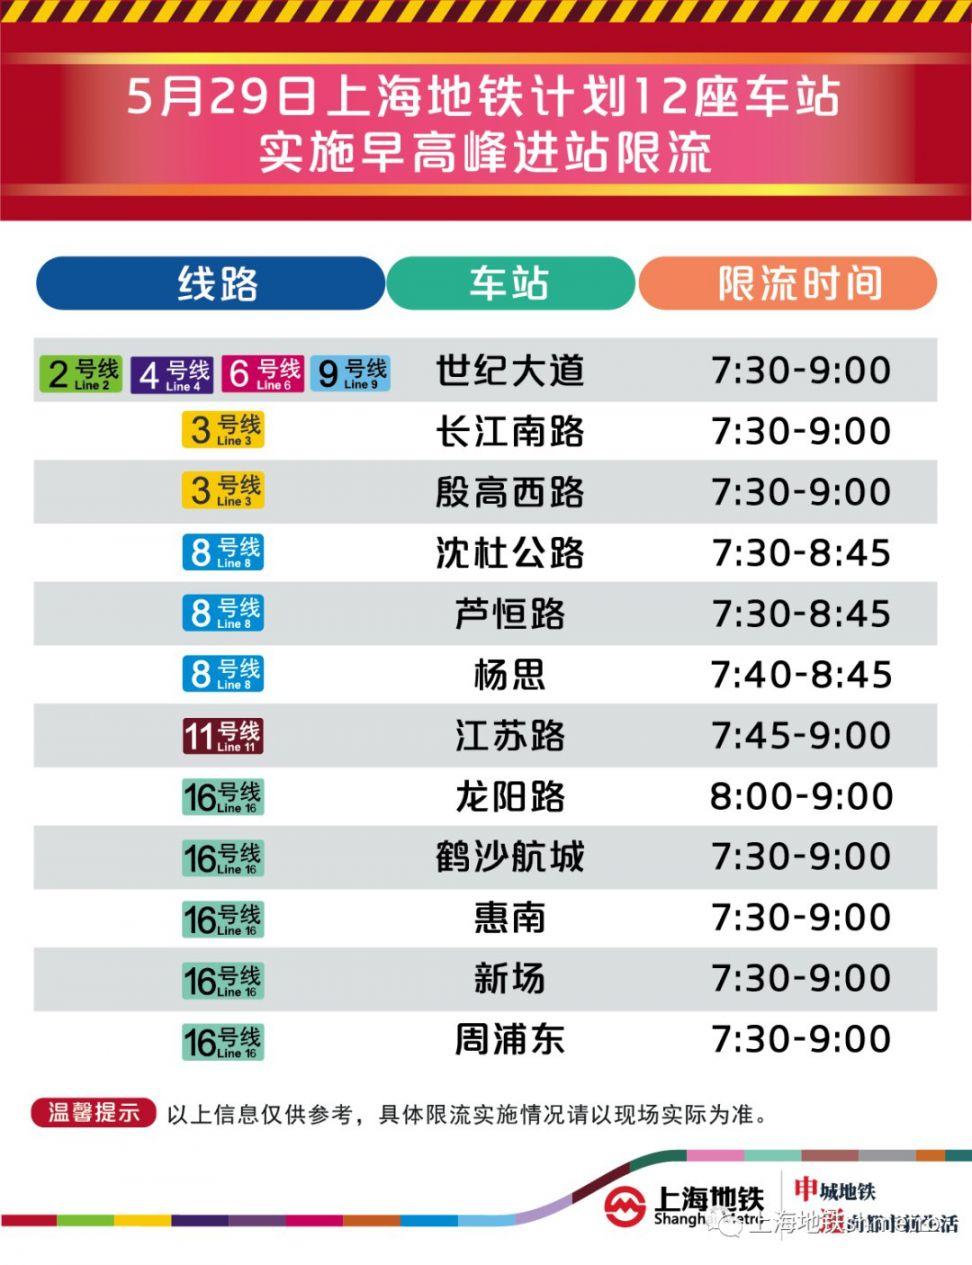 5月29日上海12座地铁站早高峰限流 附舒适度预告